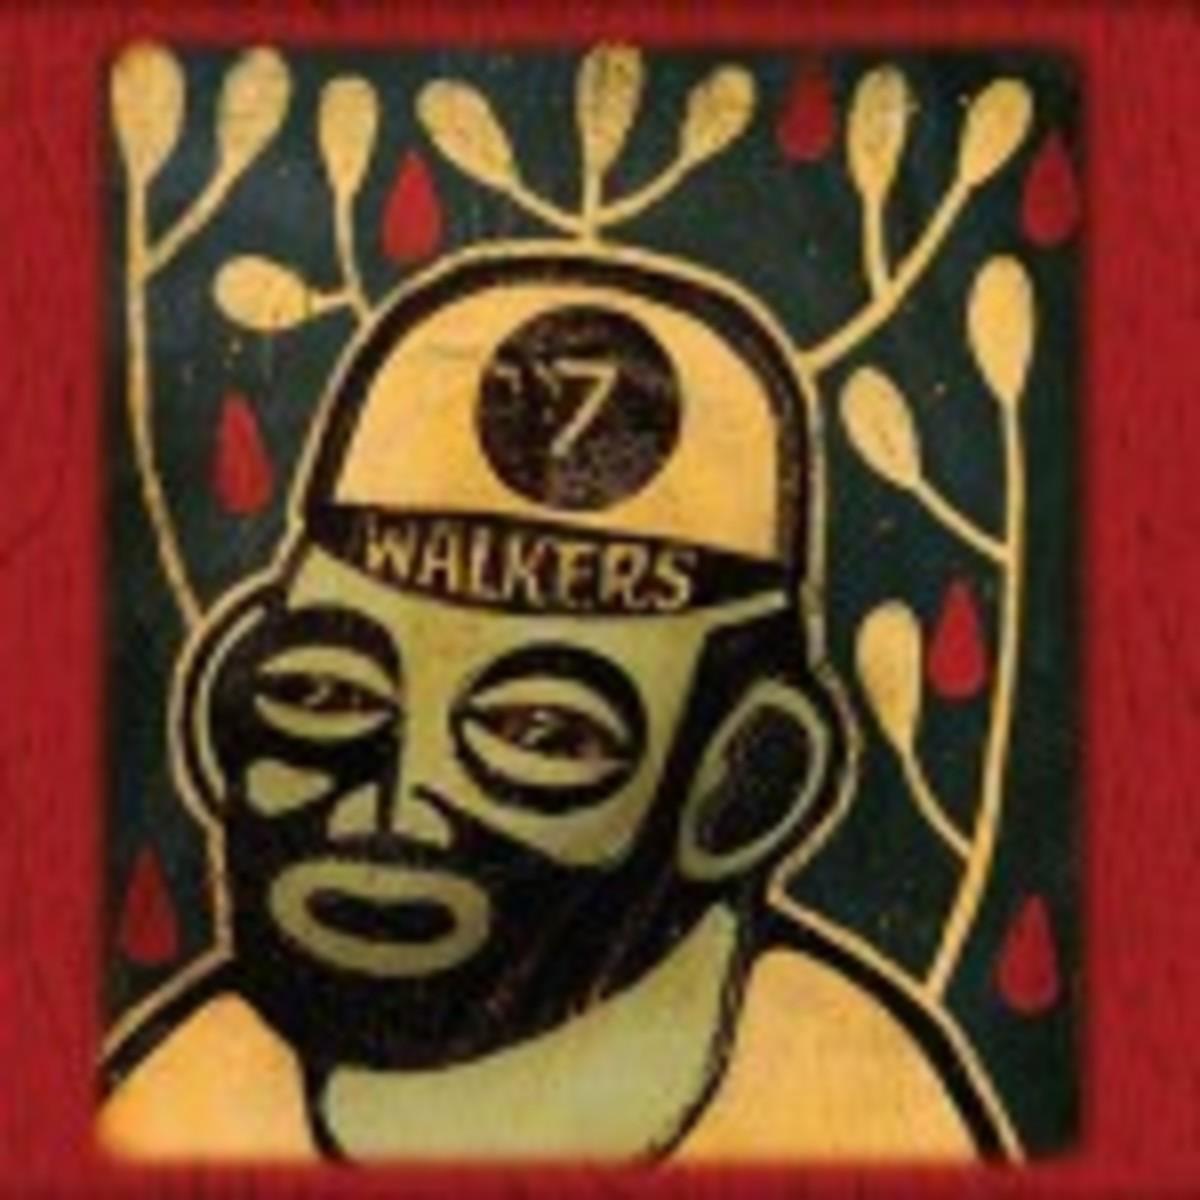 7Walkers_500